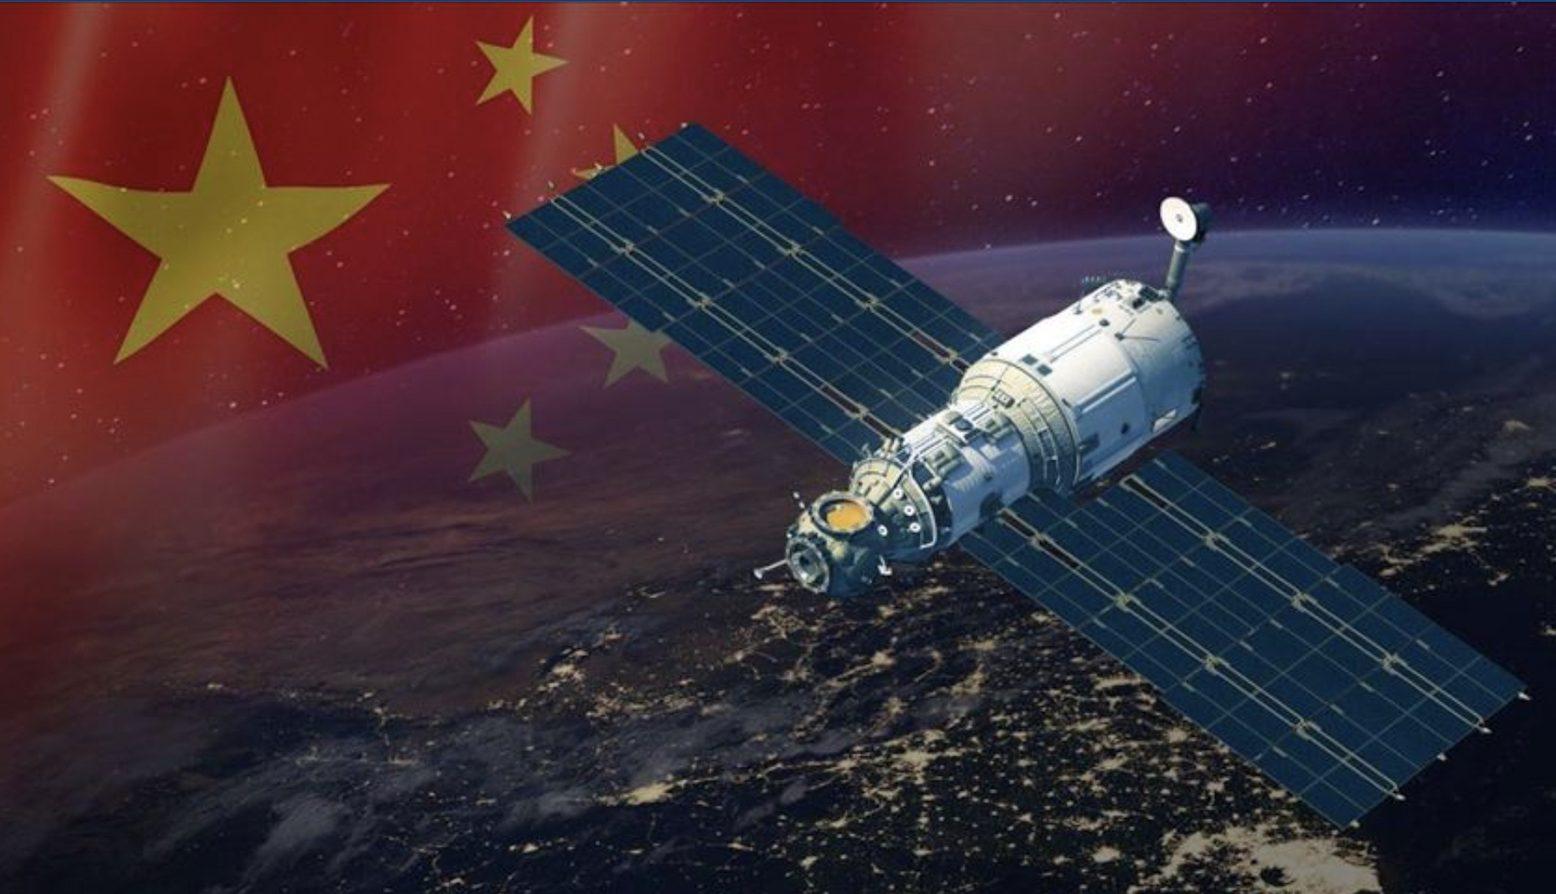 Не Маском единым китайцы собираются запустить на орбиту тысячи спутников связи